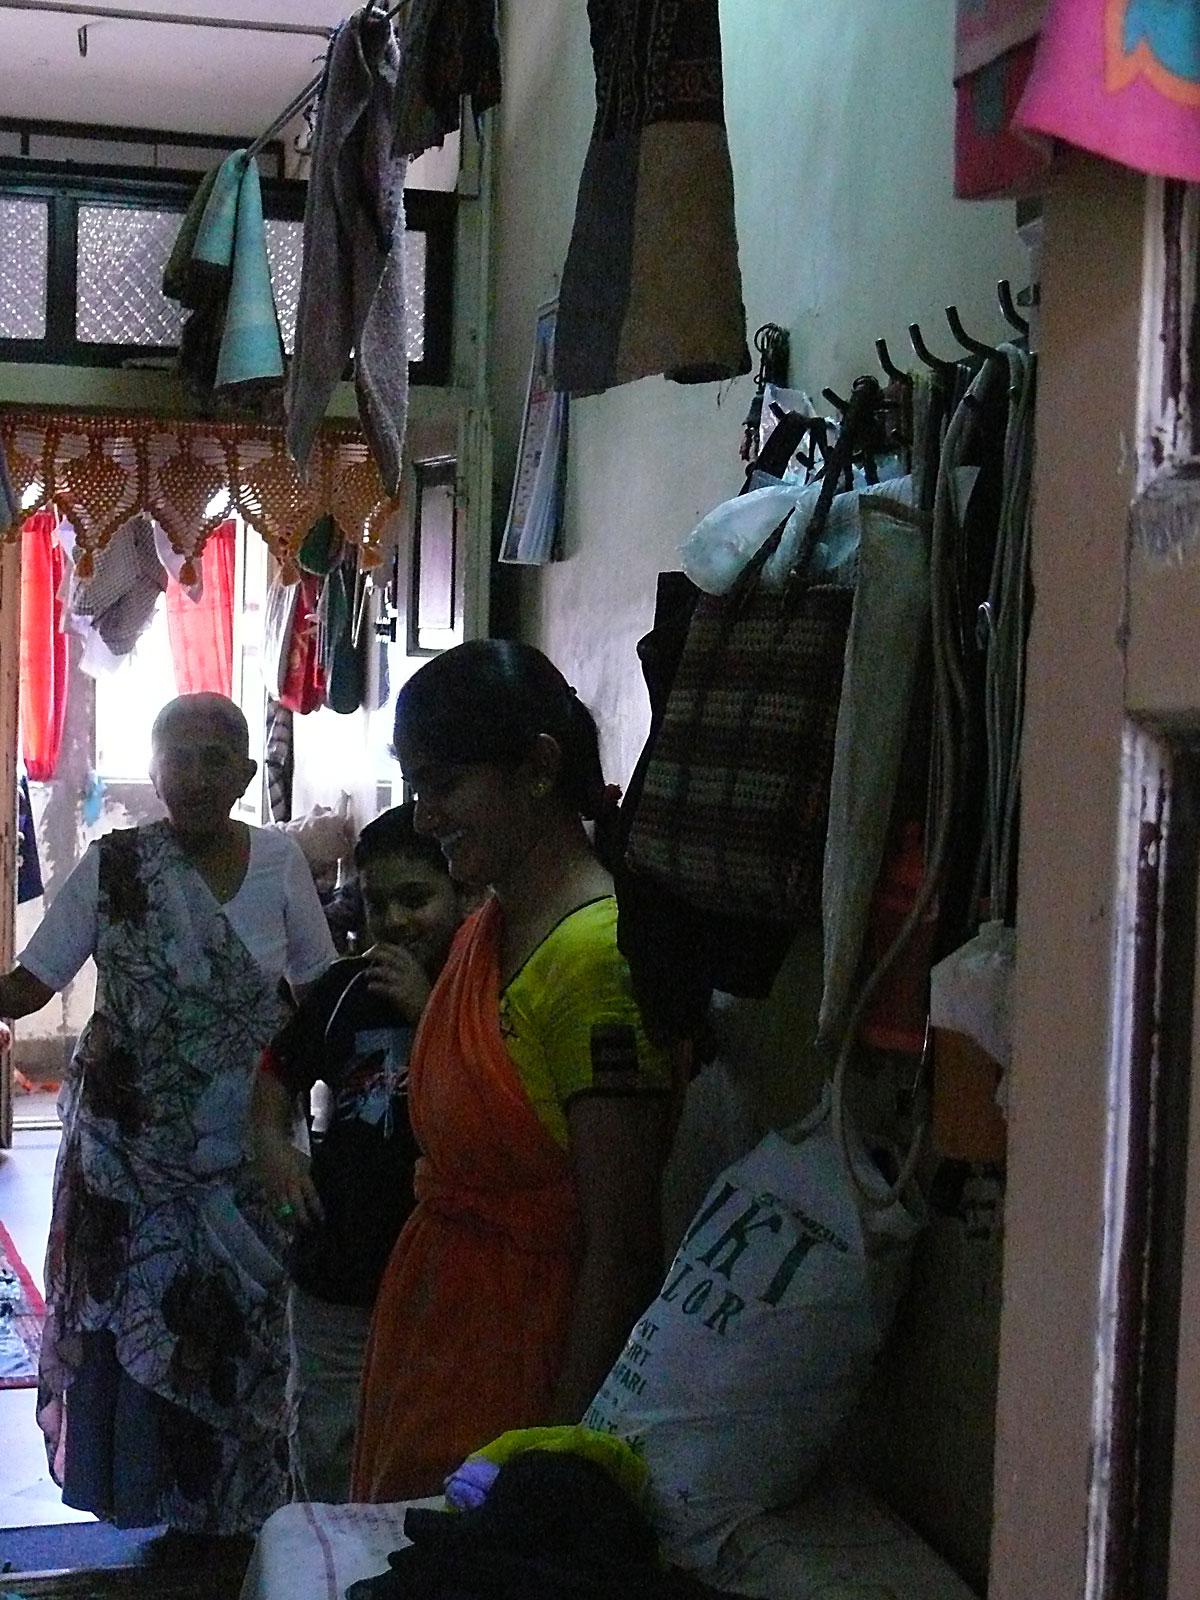 INDIEN MUMBAI Menschen Wohnen FINEST-onTour P1030375.jpg